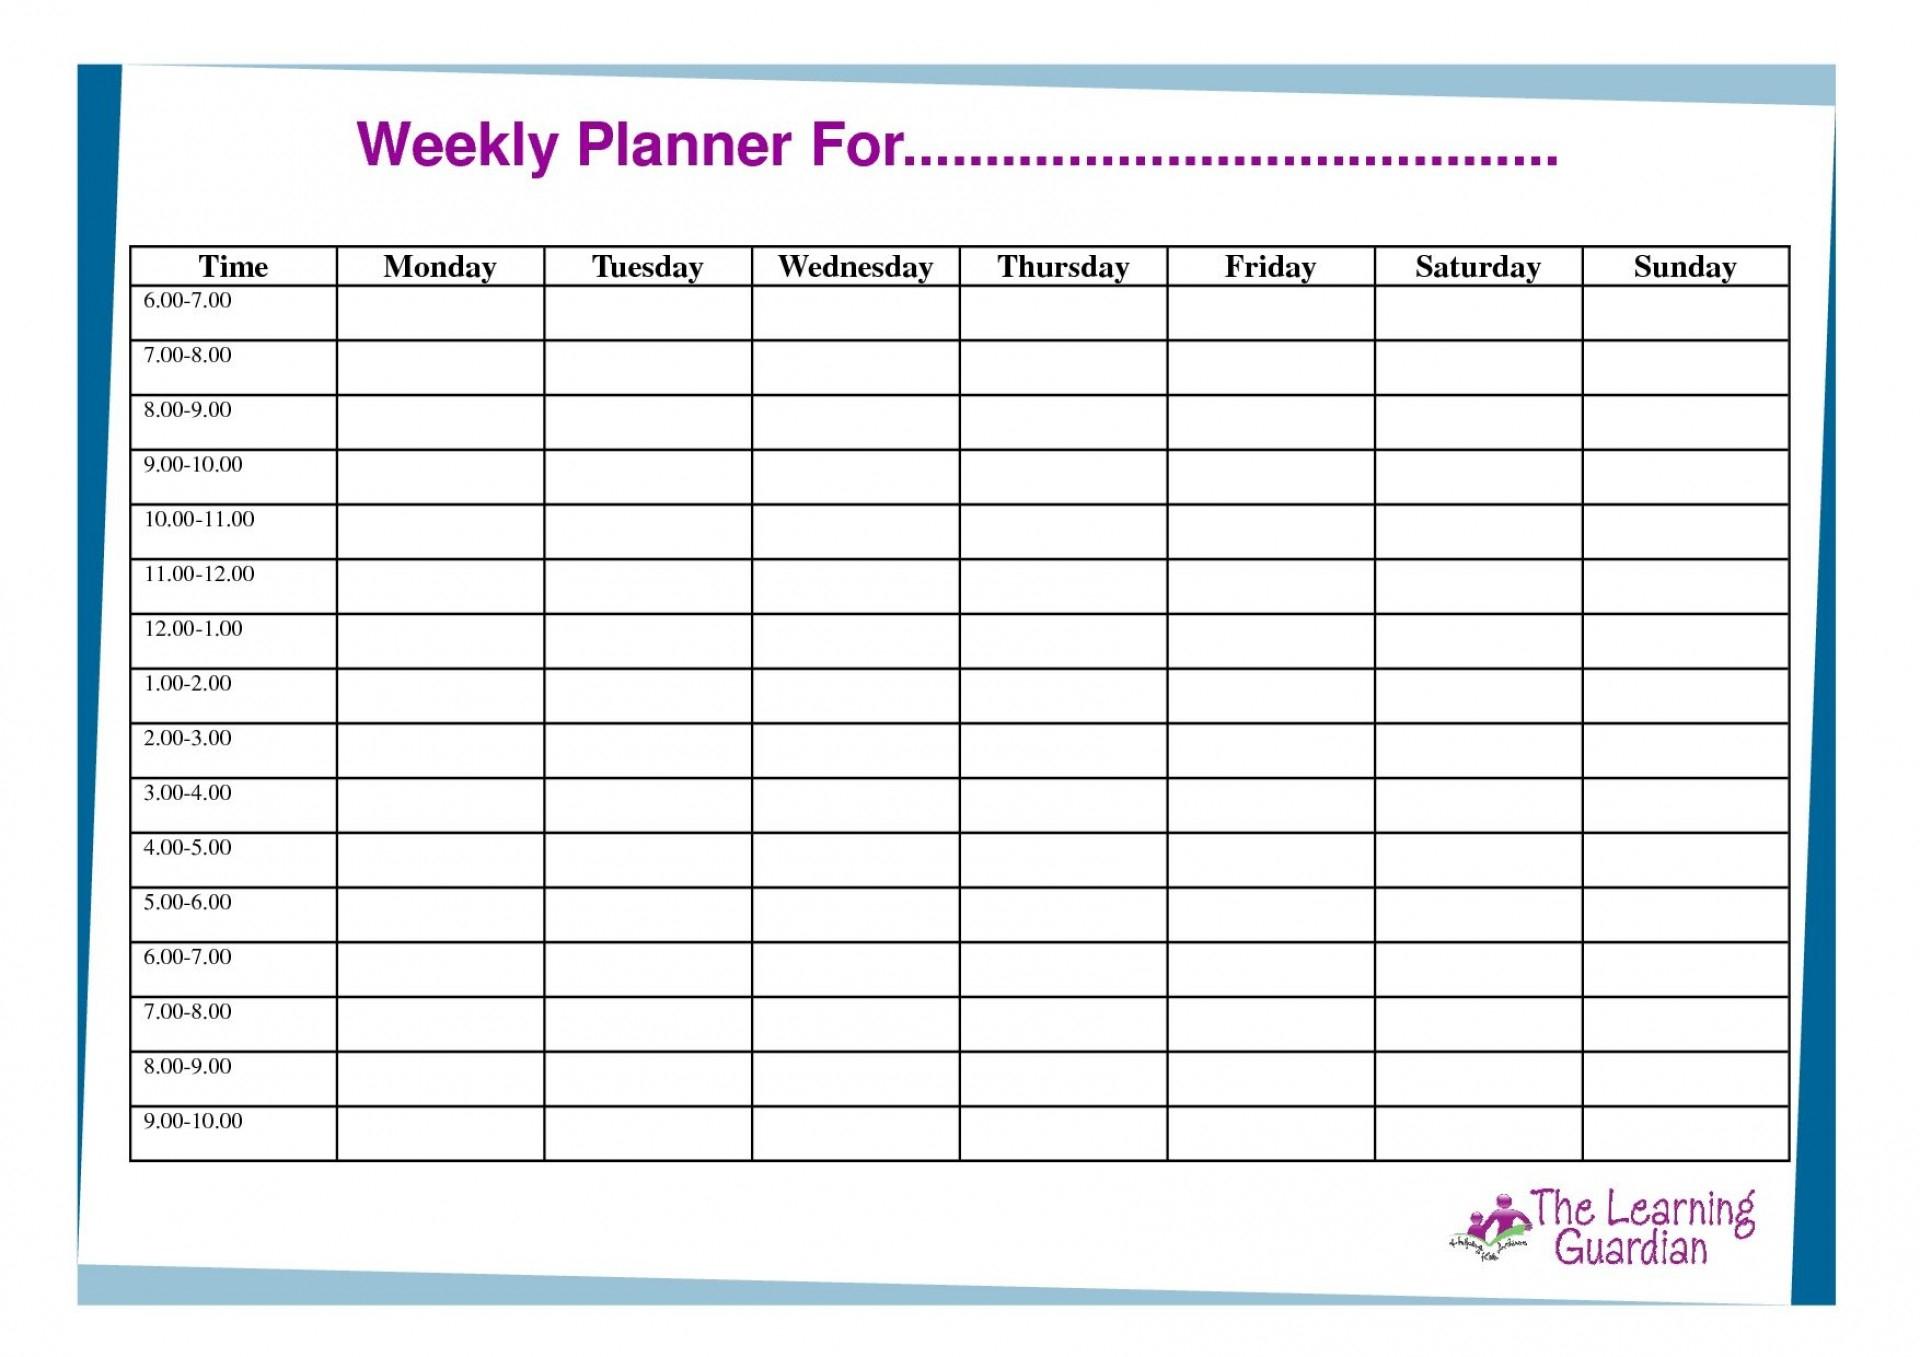 011 20Weekly Schedule Template Excel Free Meal Planner pertaining to 1 Week Menu Calendar Template